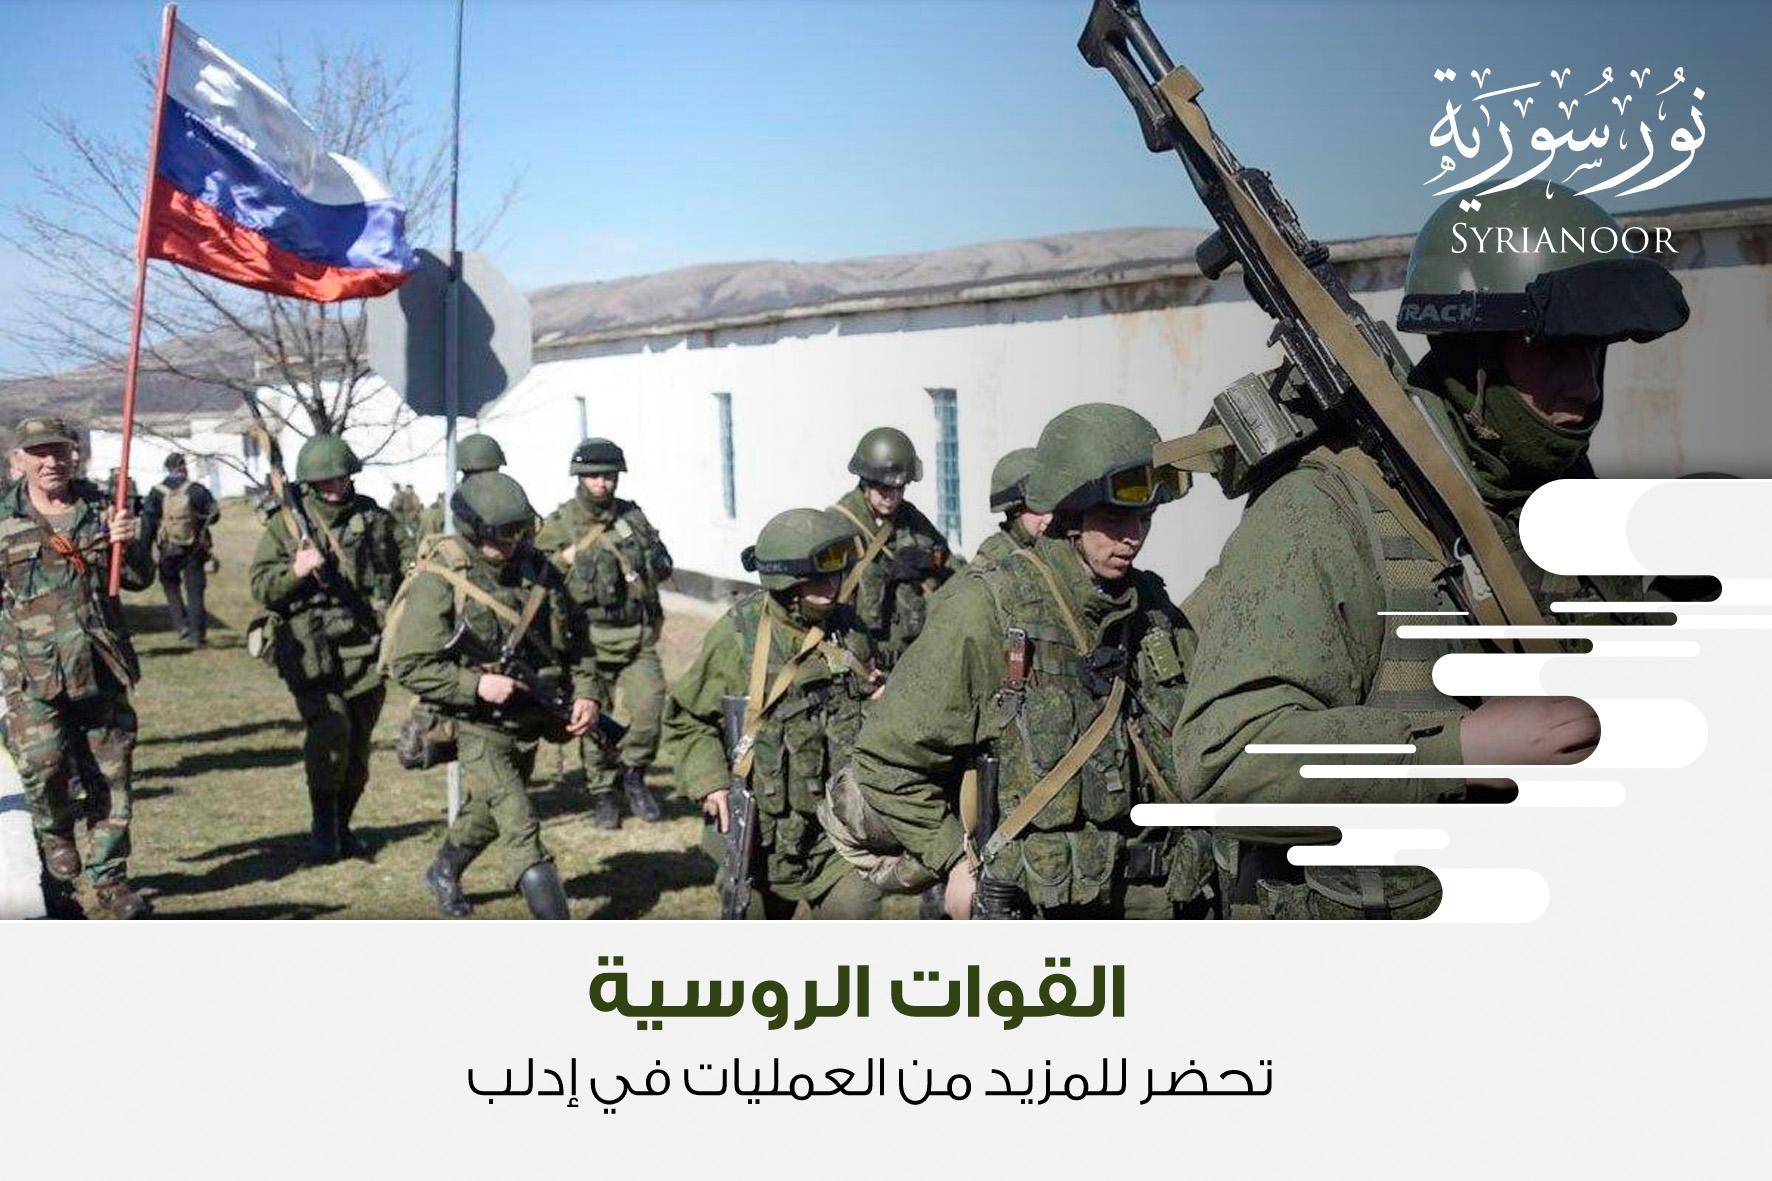 القوات الروسية تحضر للمزيد من العمليات في إدلب